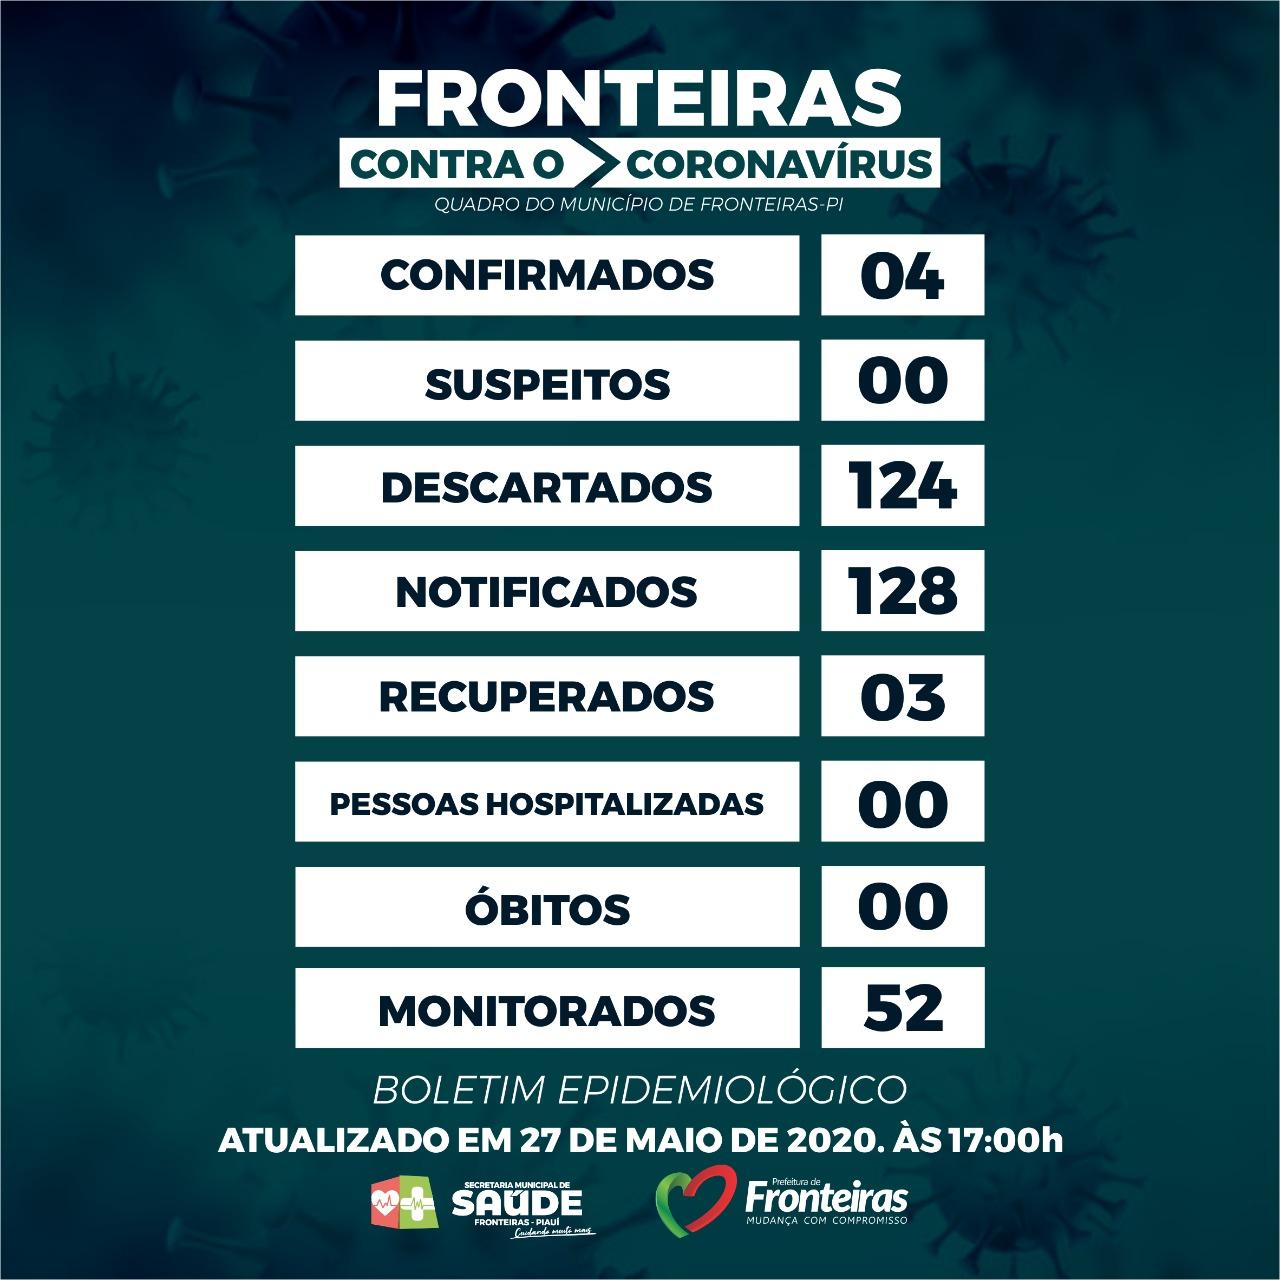 FRONTEIRAS(PI) - BOLETIM EPIDEMIOLÓGICO DE 27/05/2020